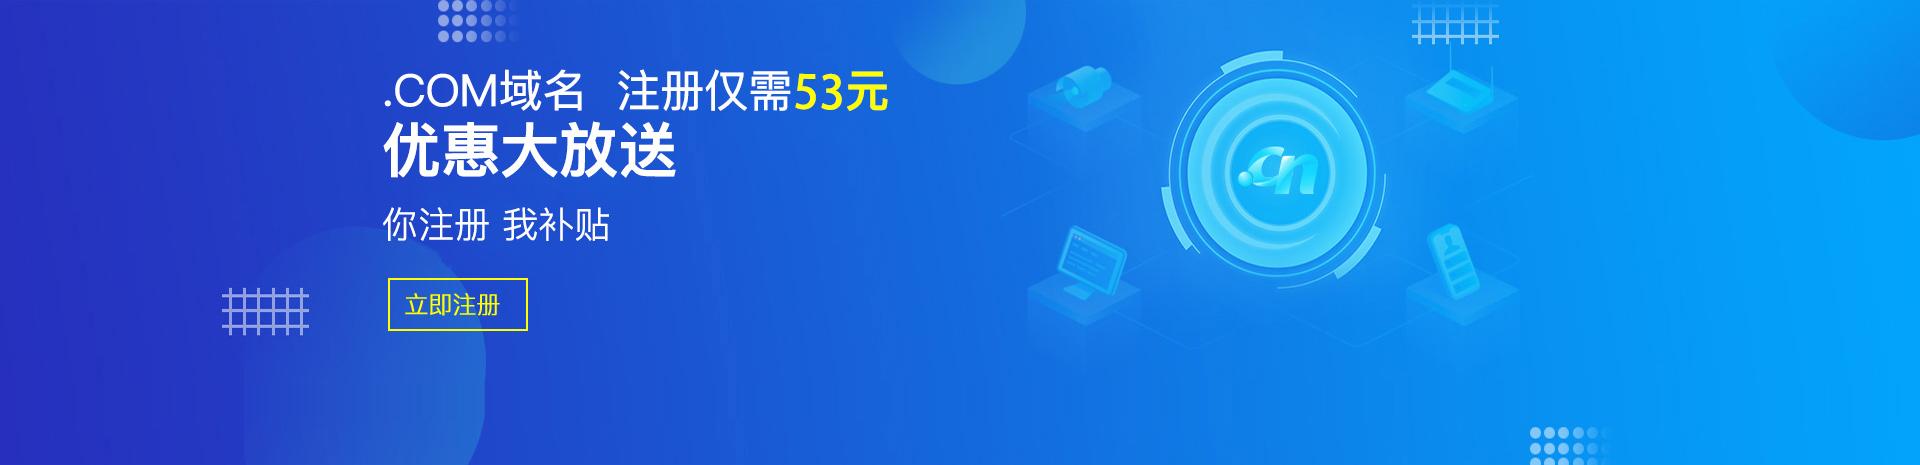 奇得米抢注.com域名53一年